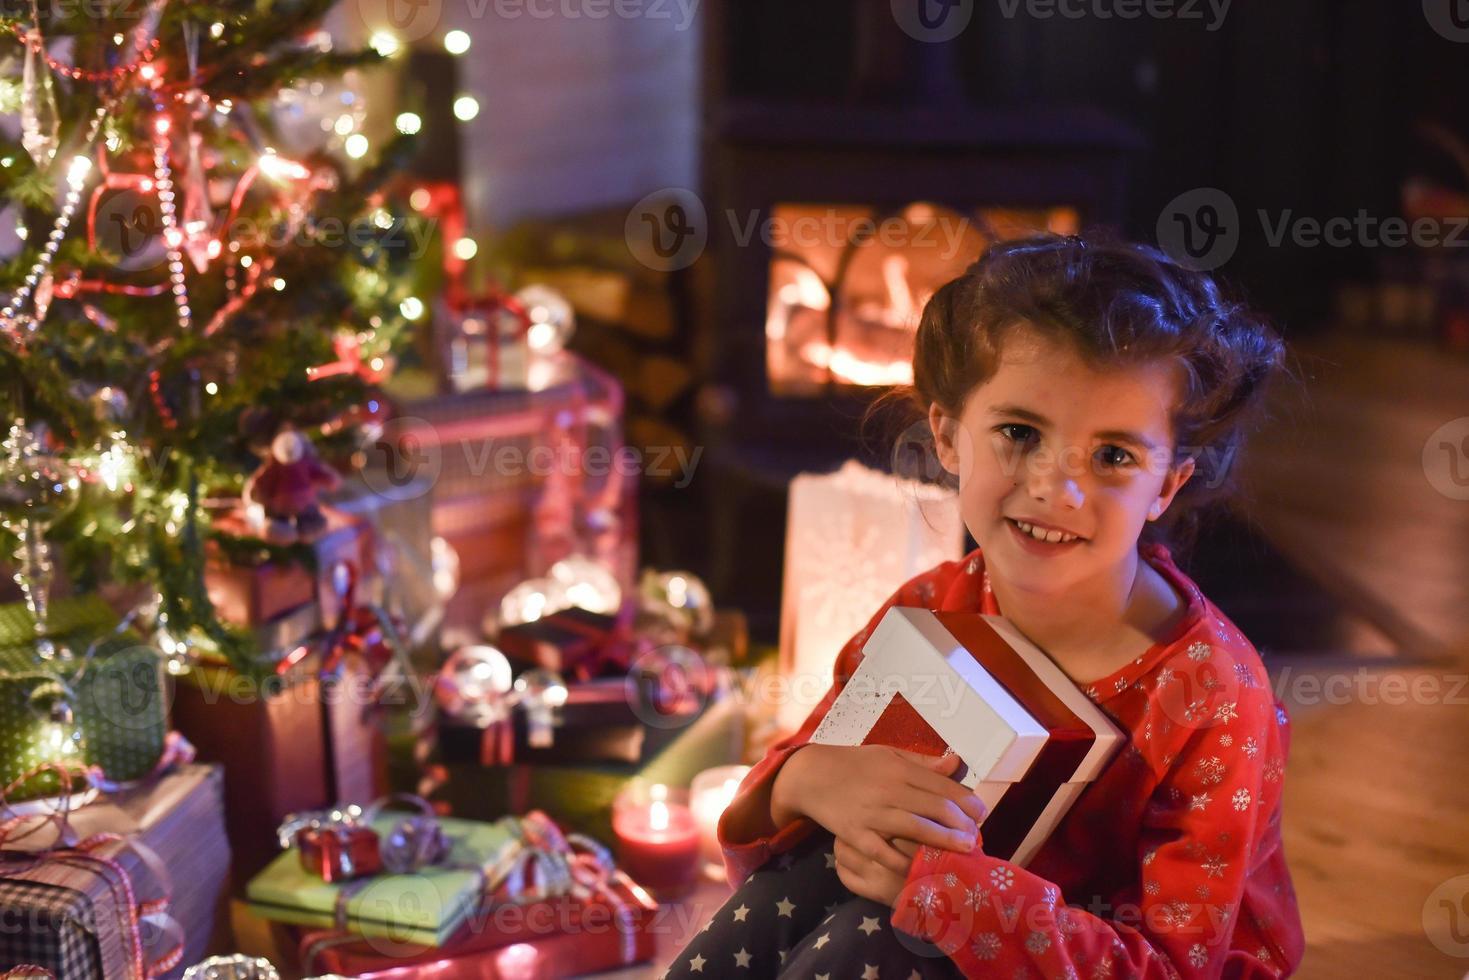 Noël, petite fille ouvrant un cadeau près de l'arbre illuminé photo